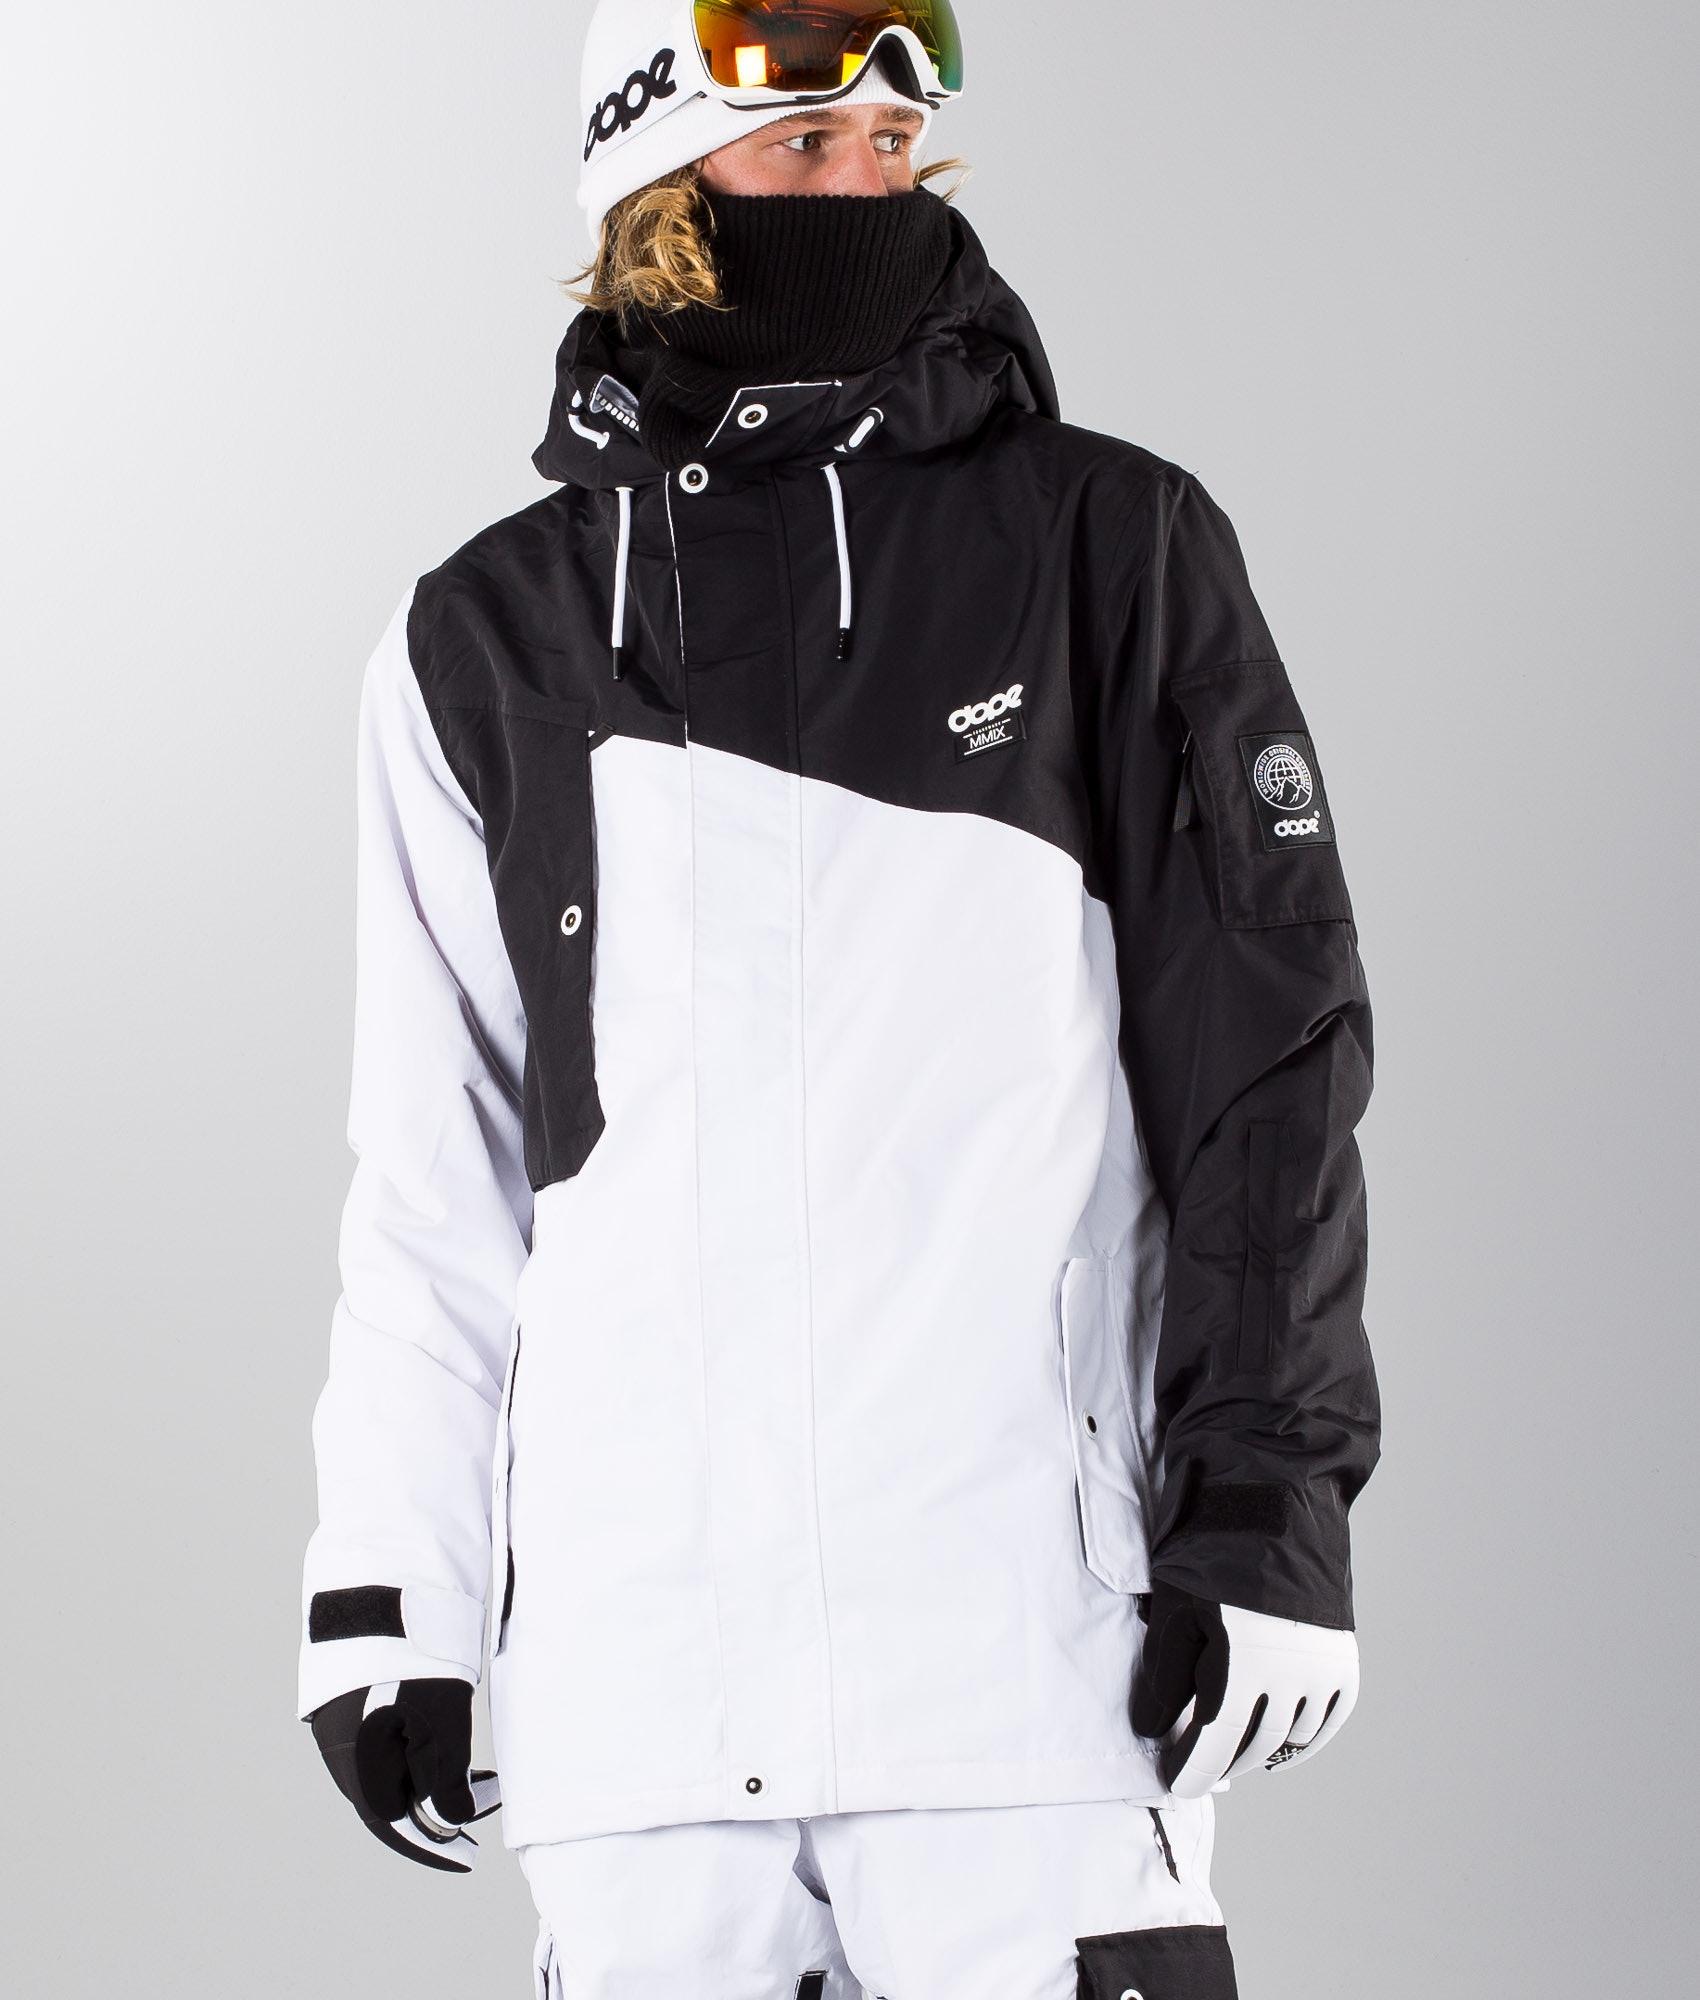 e8bf9575cc0e Dope Adept Ski Jacket Black White - Ridestore.com